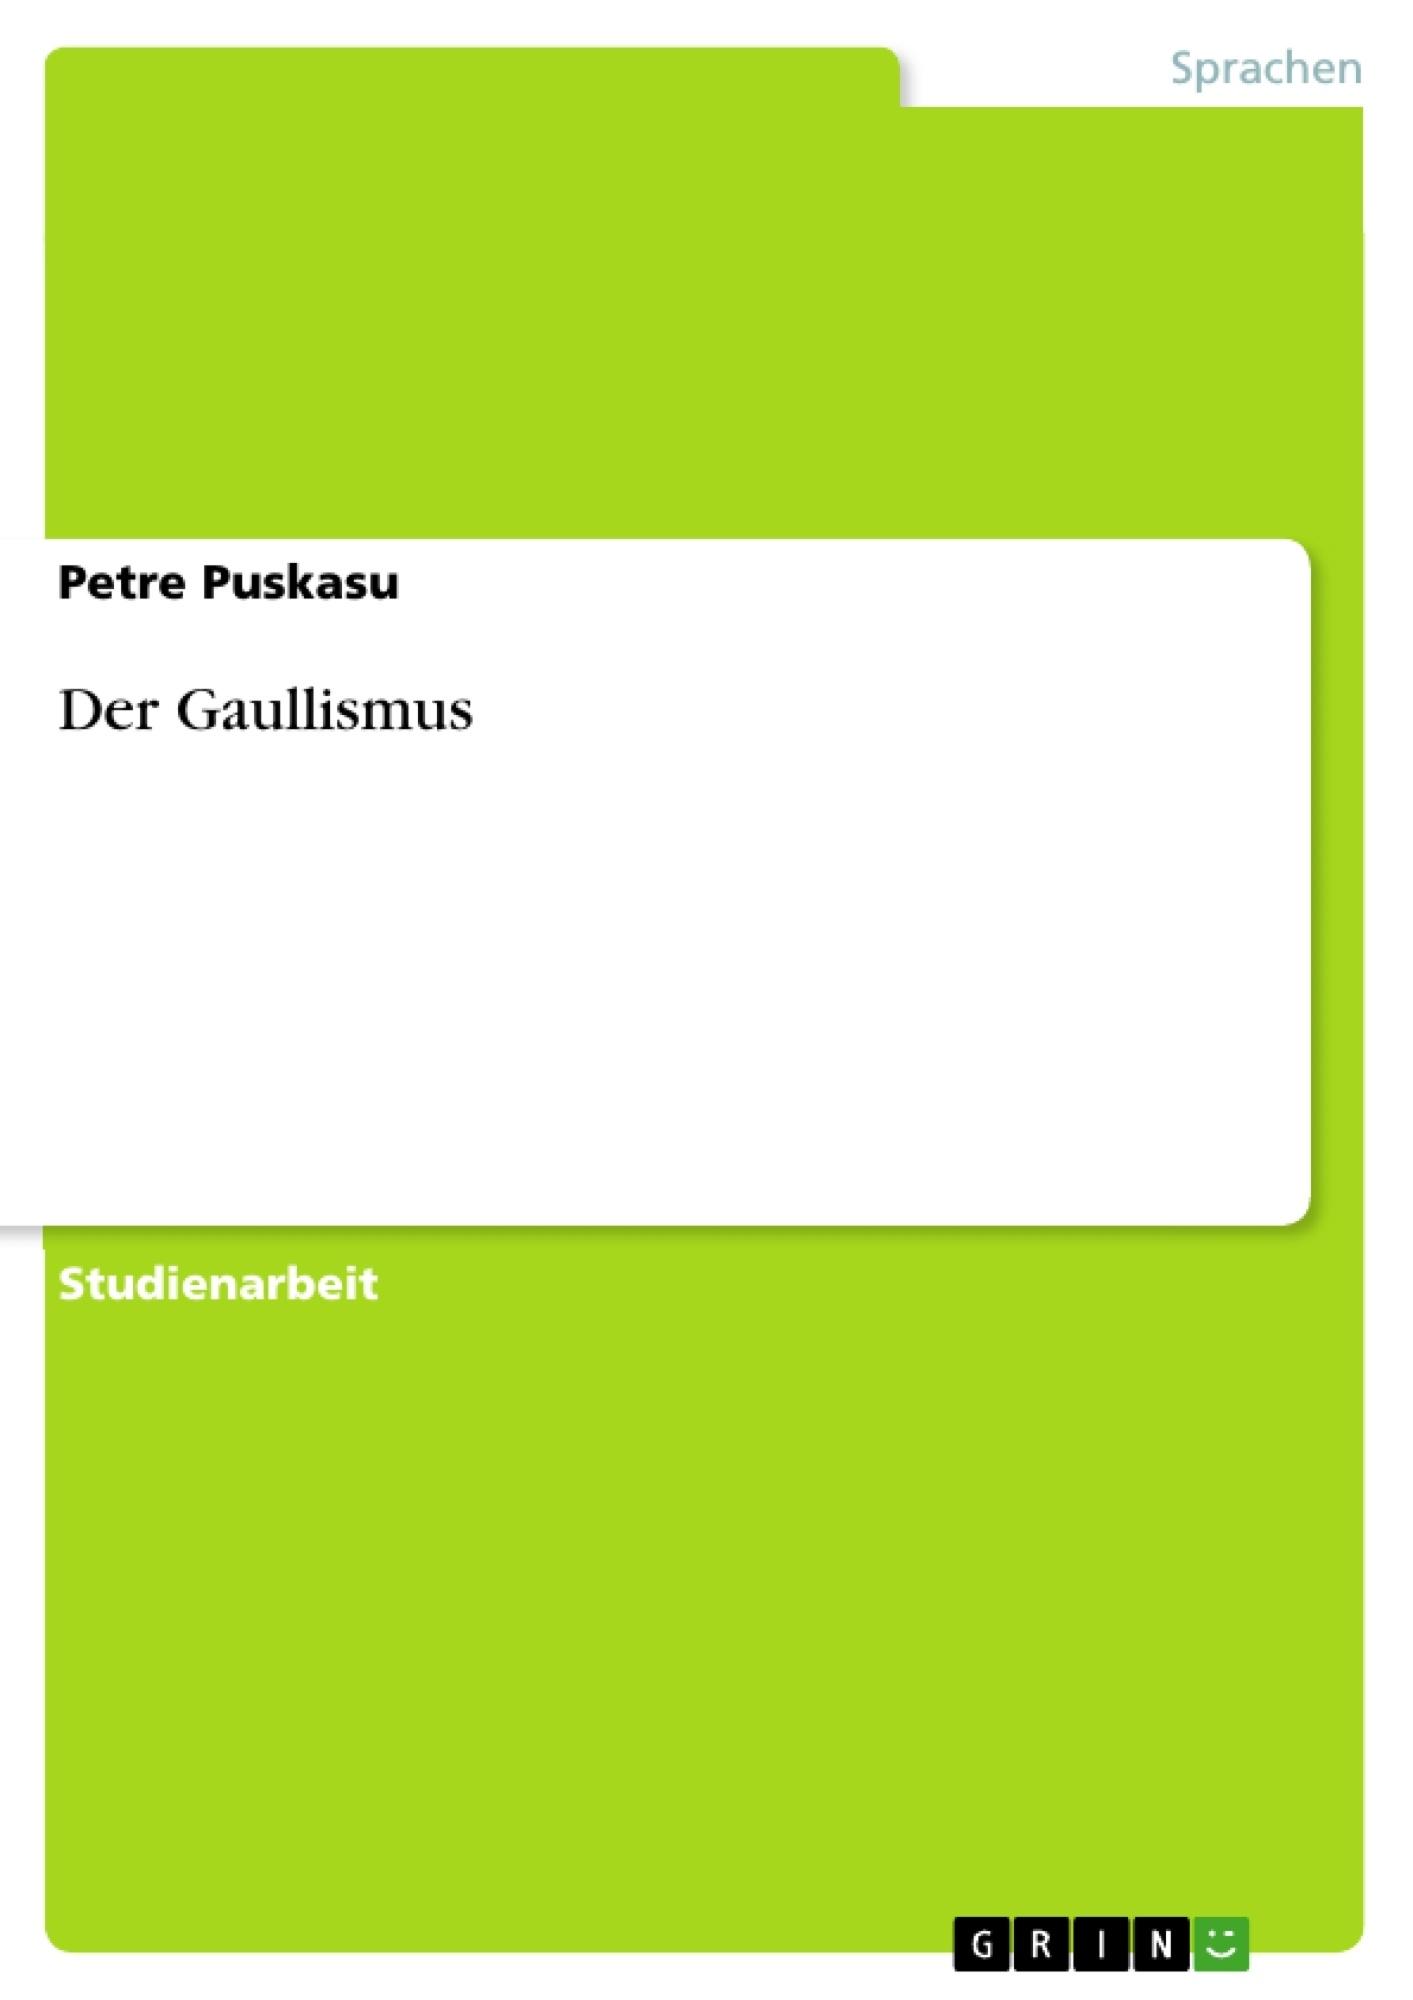 Titel: Der Gaullismus